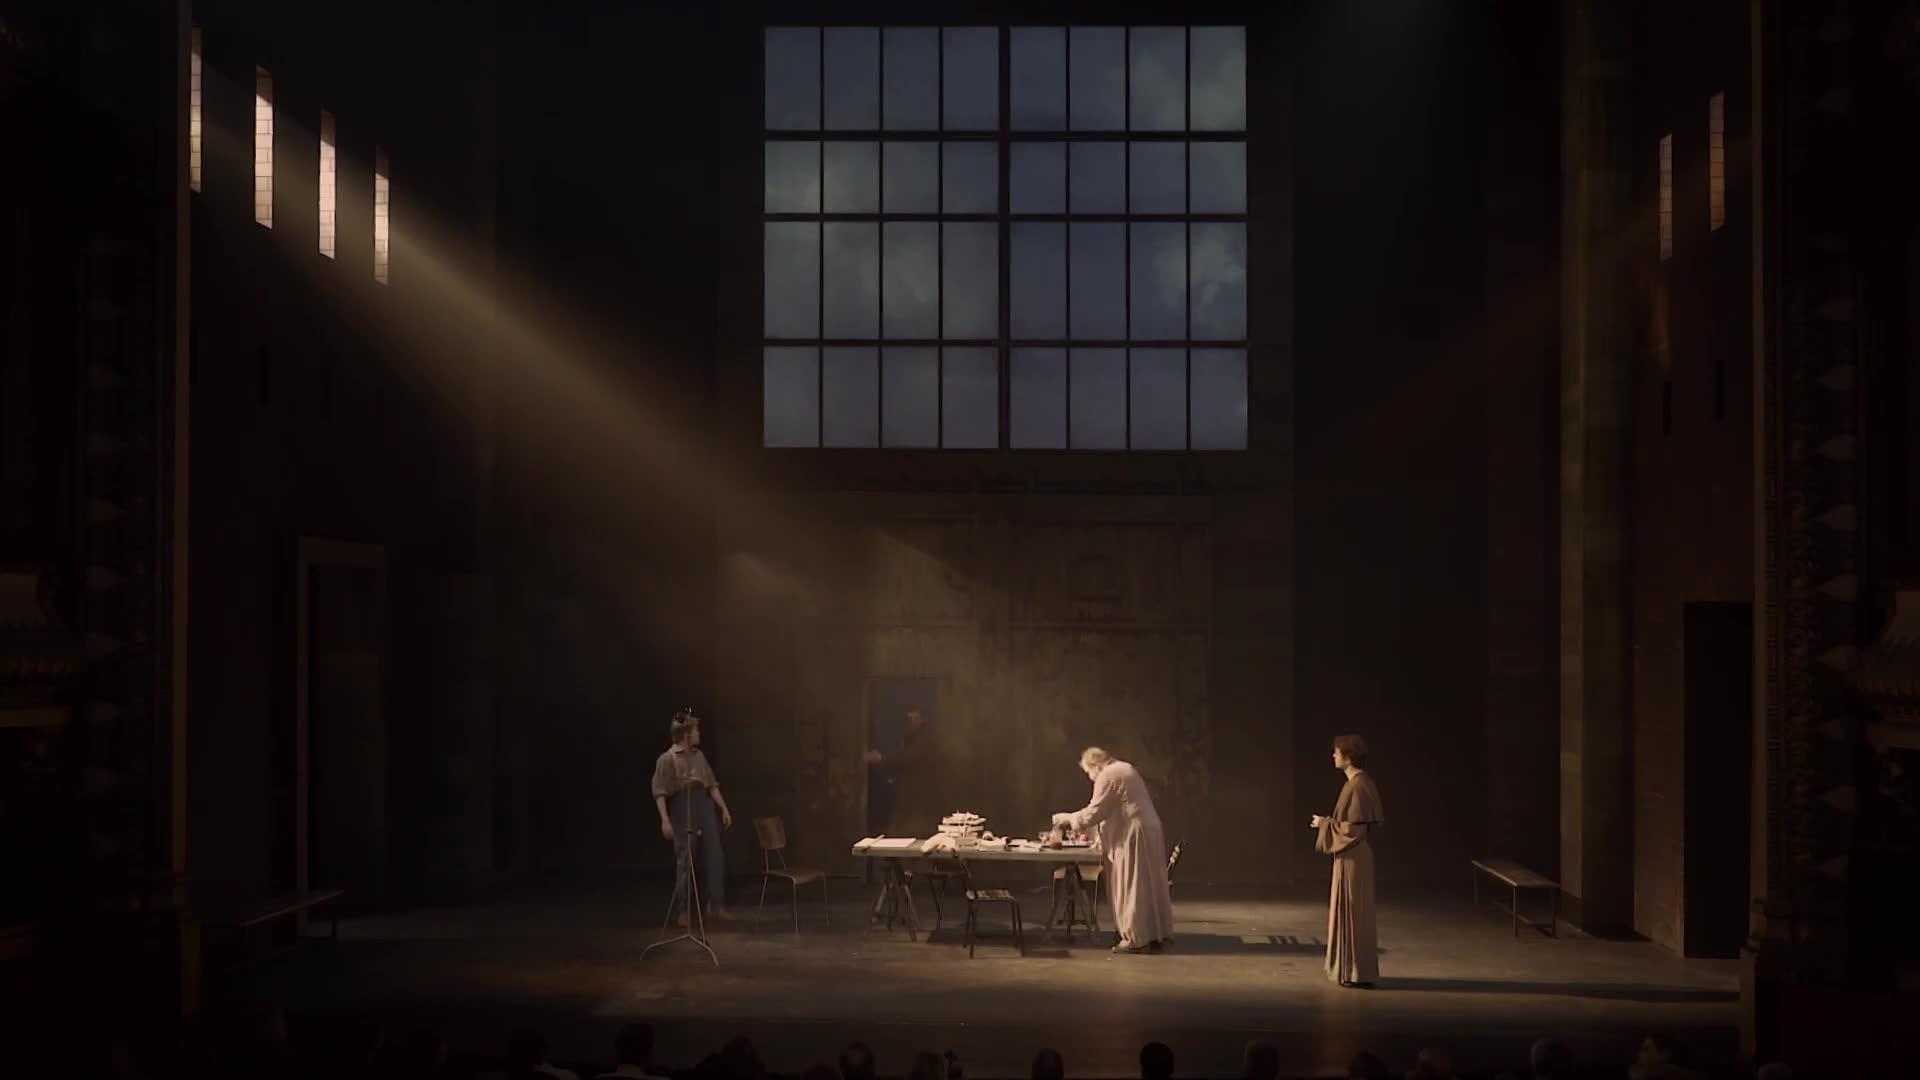 """Vidéo """"La Vie de Galilée"""" - Bertolt Brecht/Claudia Stavisky - Teaser"""